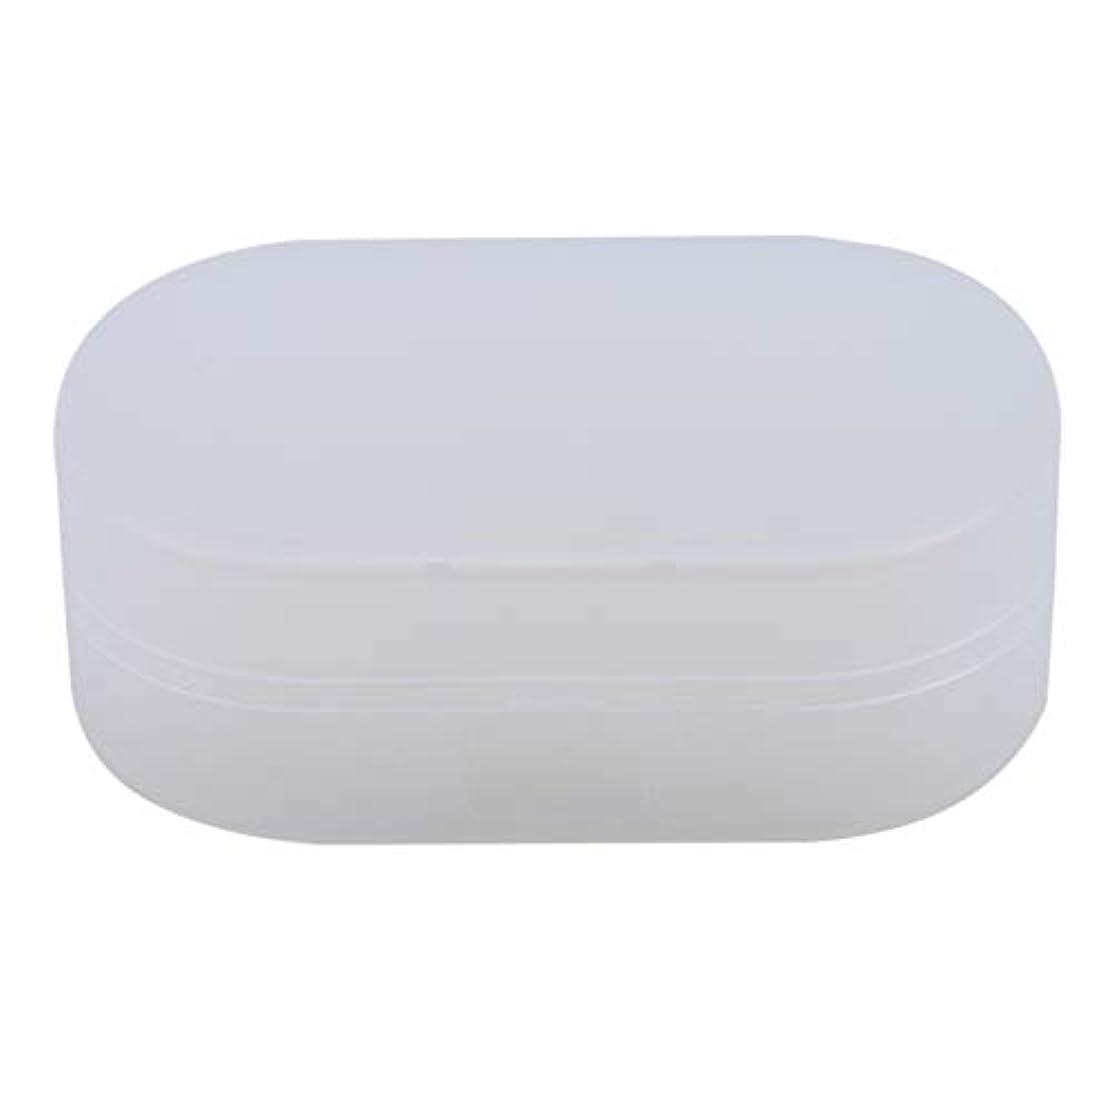 ストリームブレークサンダルZALINGソープボックスホルダーソープディッシュソープセーバーケースコンテナ用バスルームキャンプホワイト